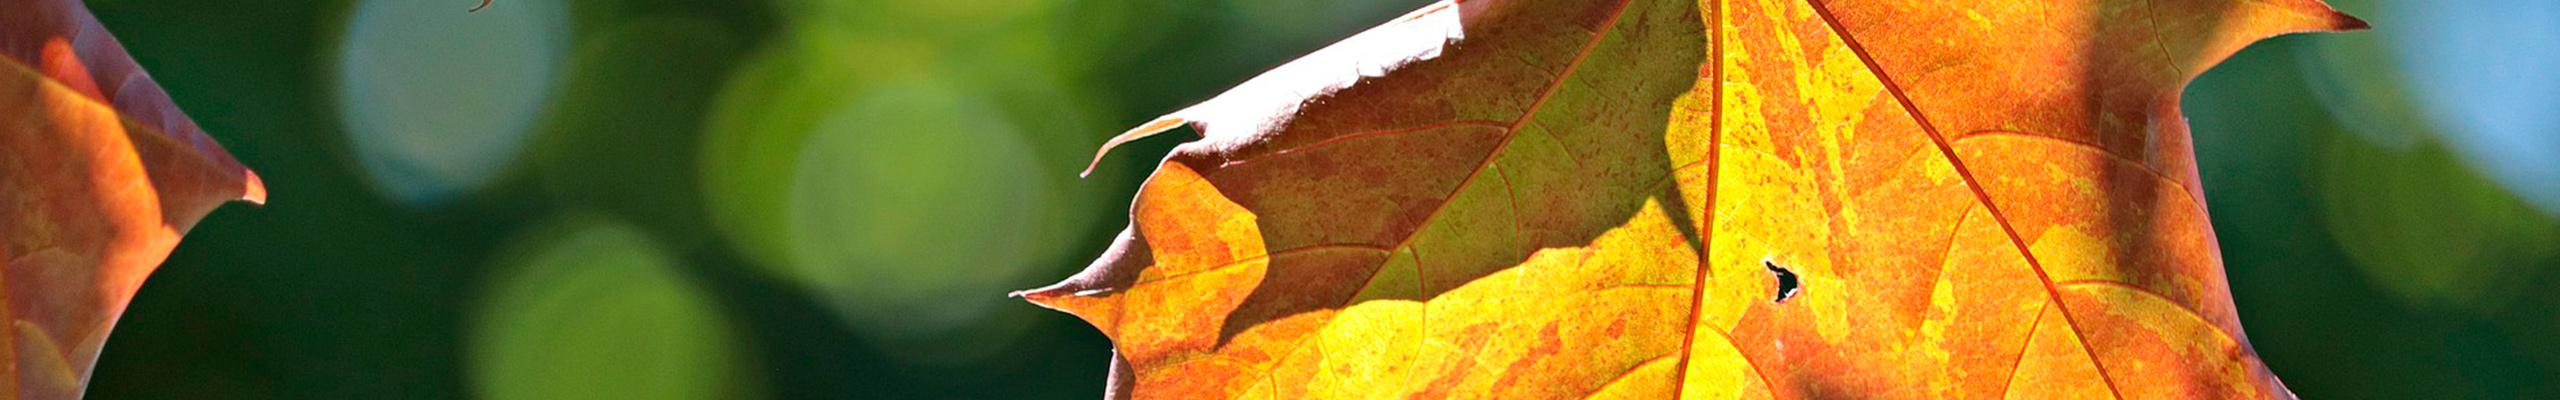 Eventos relacionados con la Red Transfronteriza Biomasa